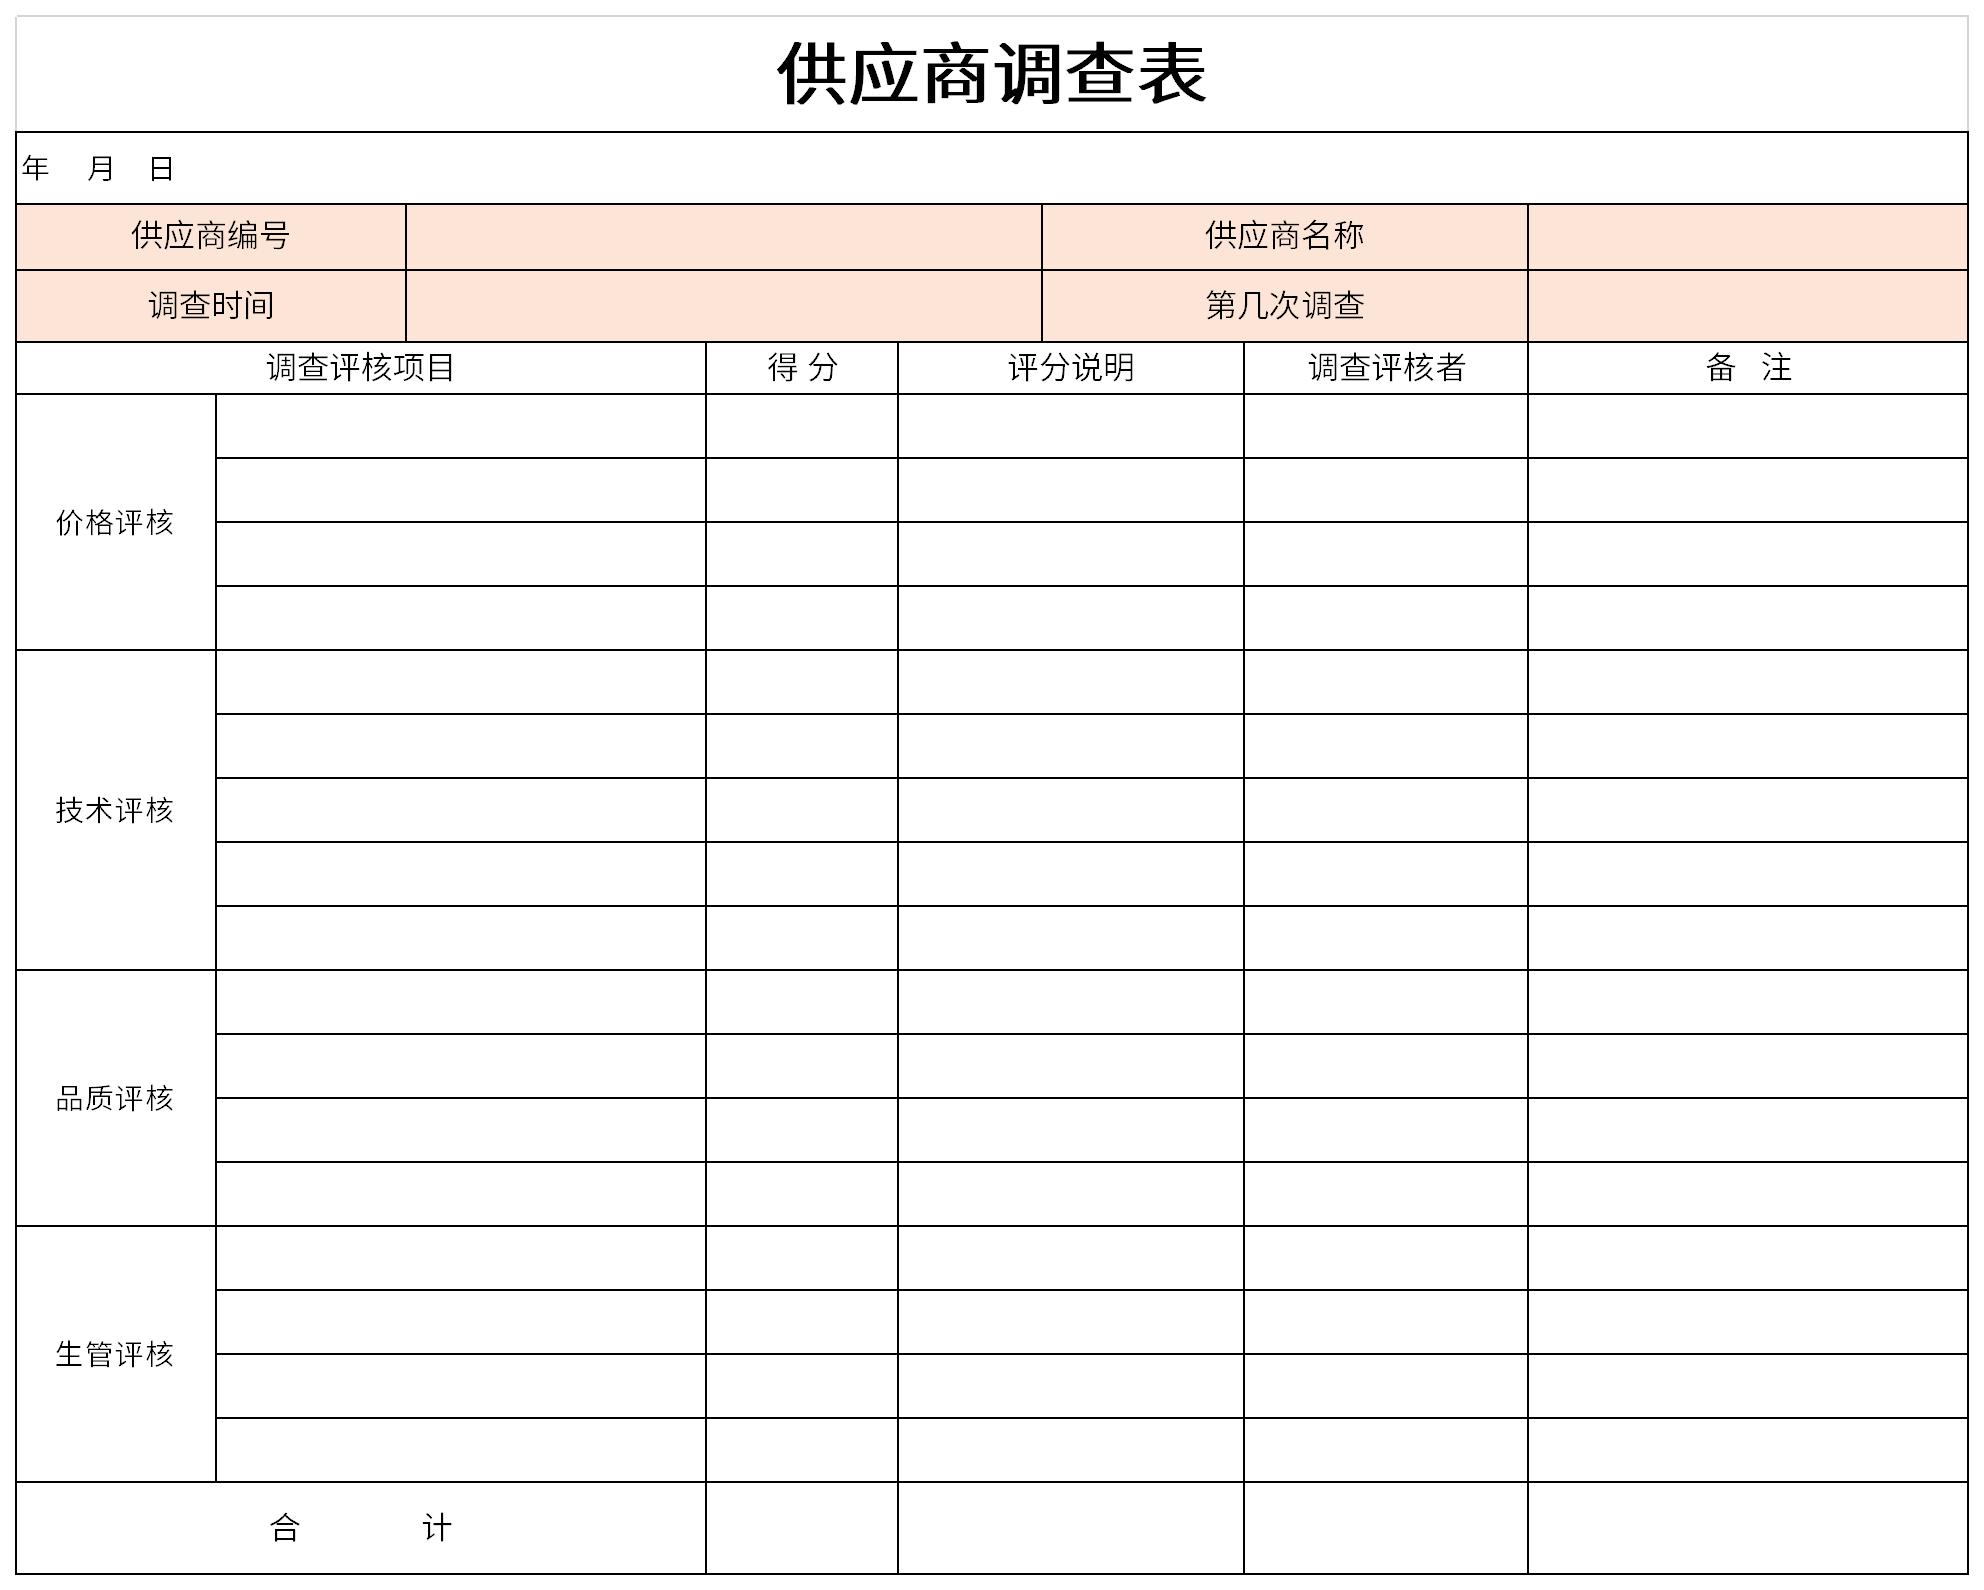 供应商调查表截图